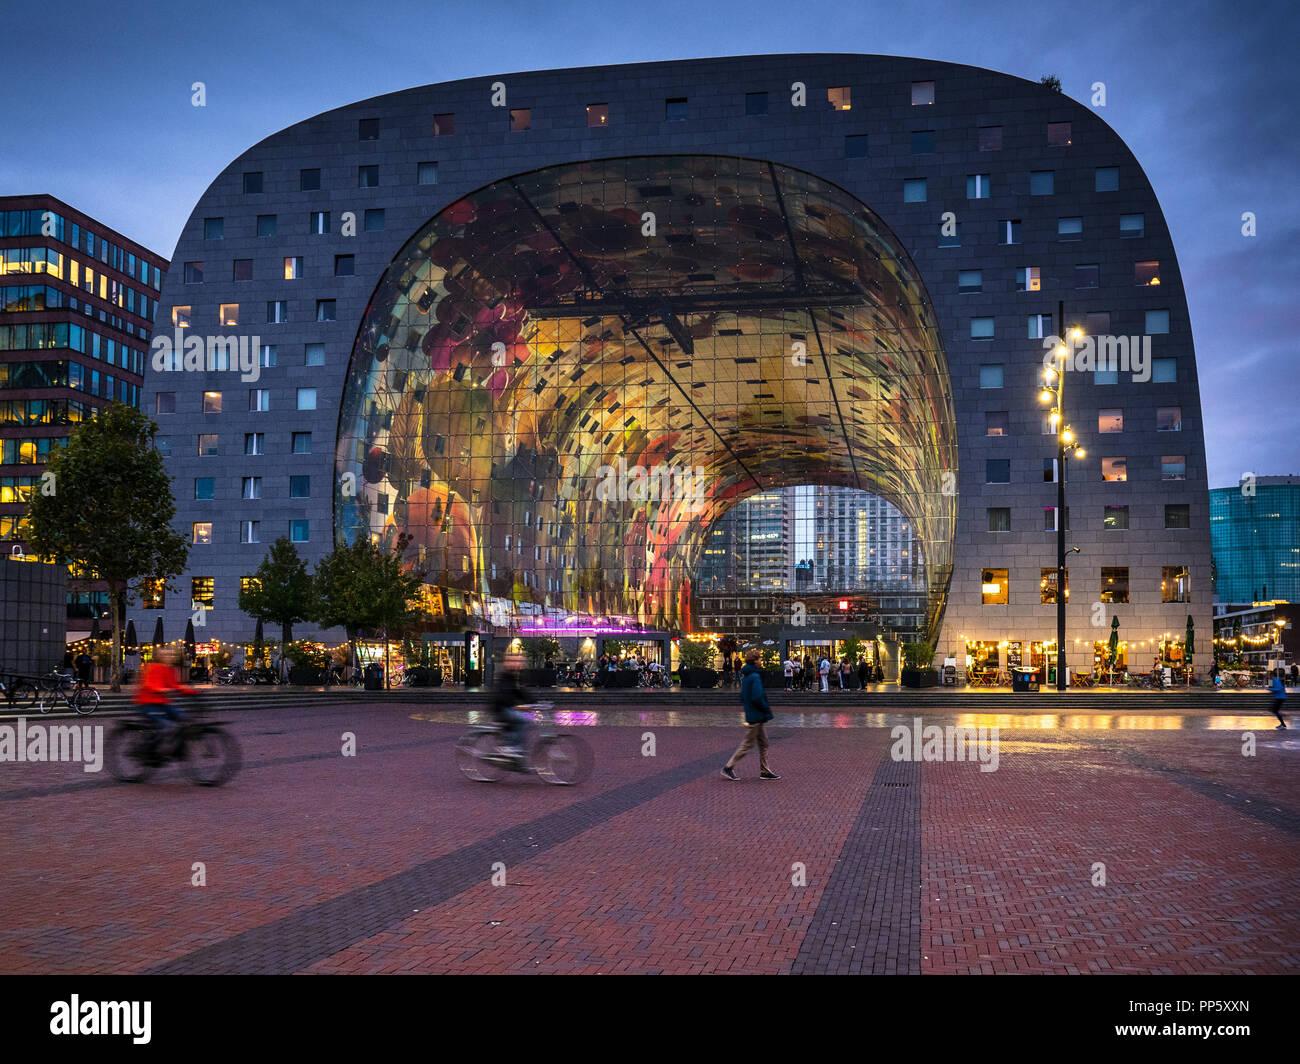 Rotterdam Rotterdam Markthal Markthalle Eroffnet 2014 Besteht Aus